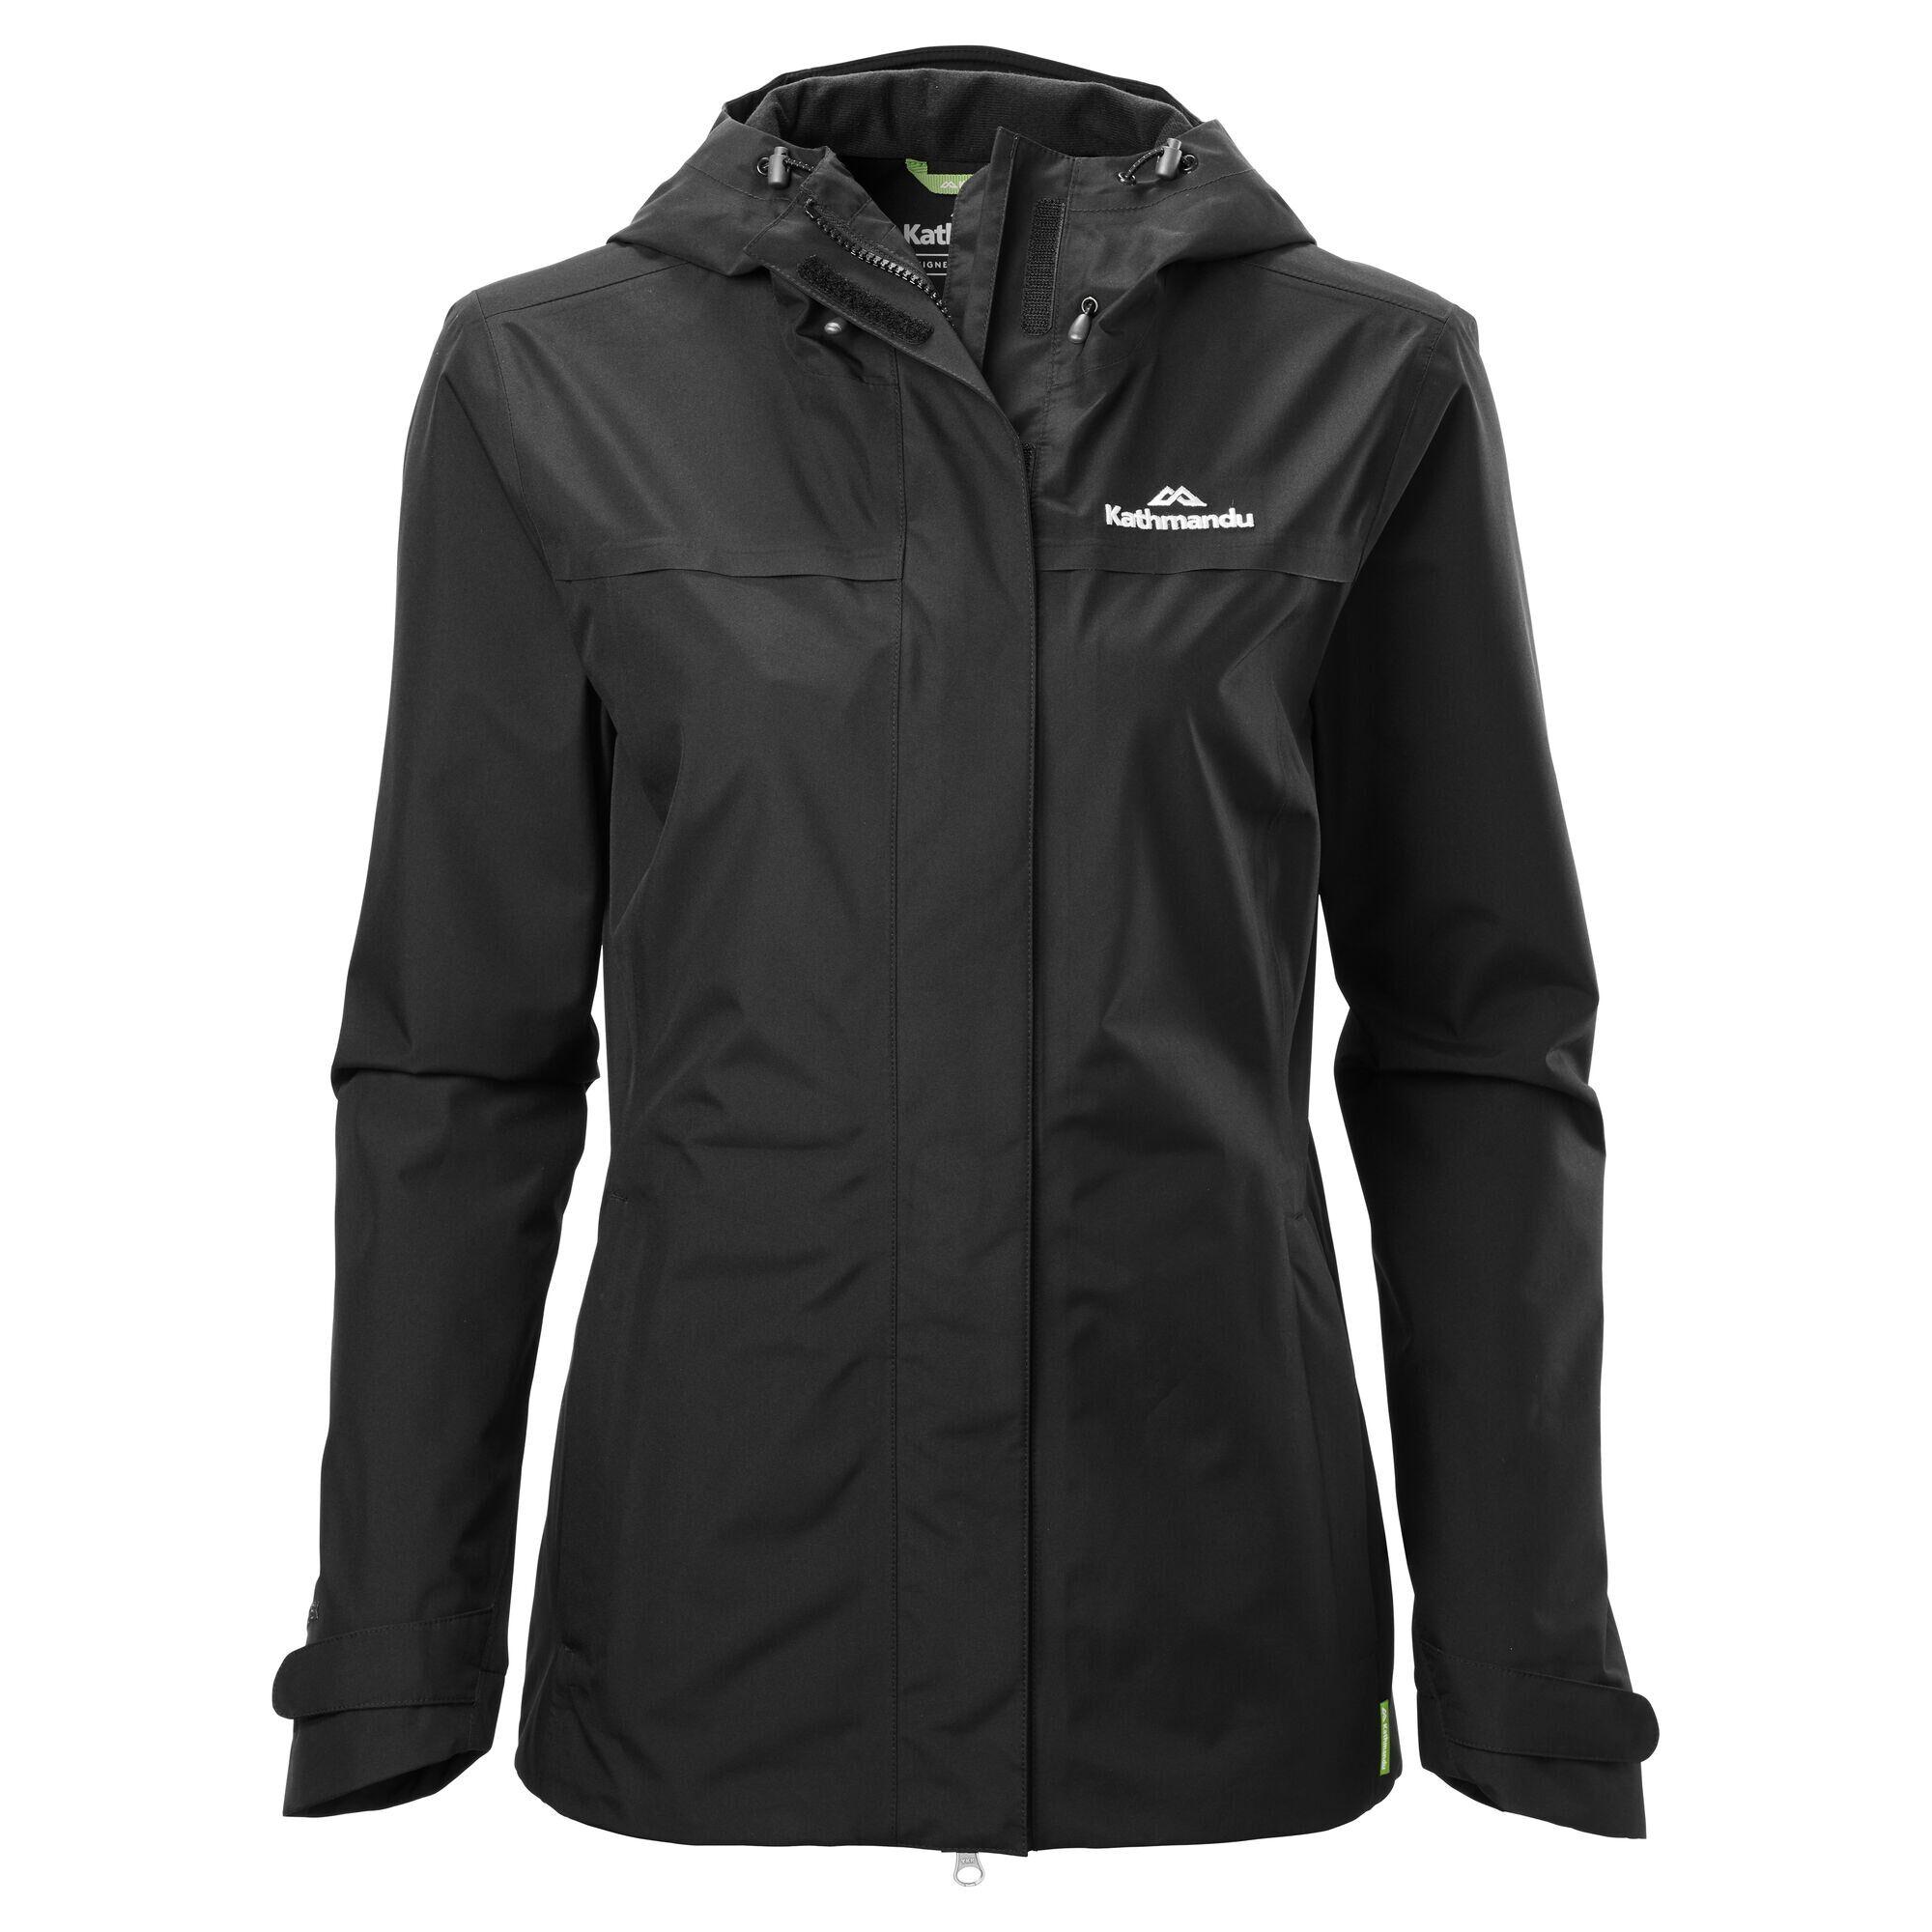 Kathmandu Bealey Women's GORE-TEX Jacket  - Black - Size: US 8